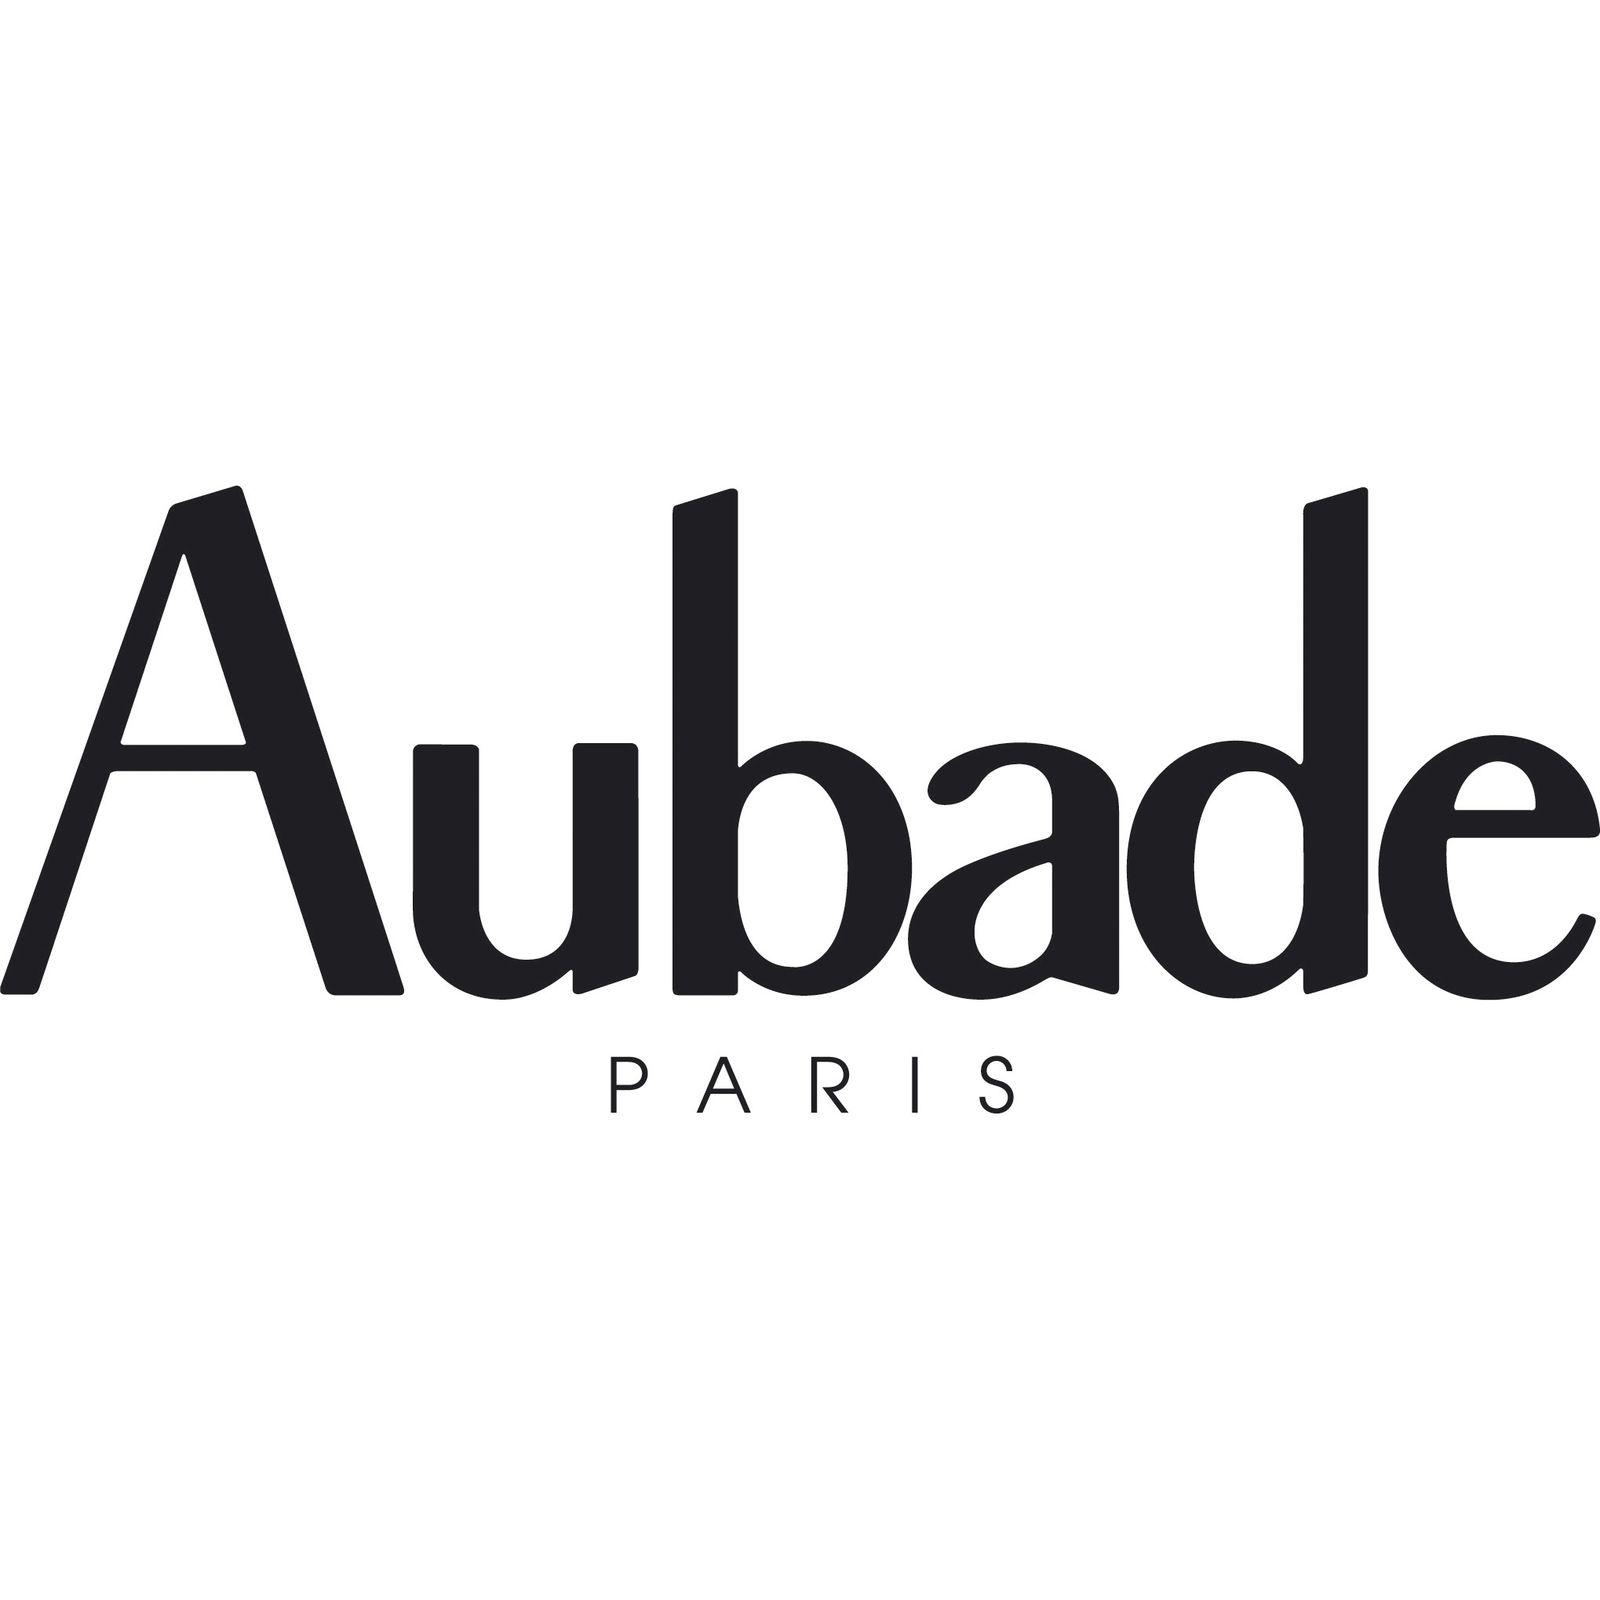 Aubade (Bild 1)